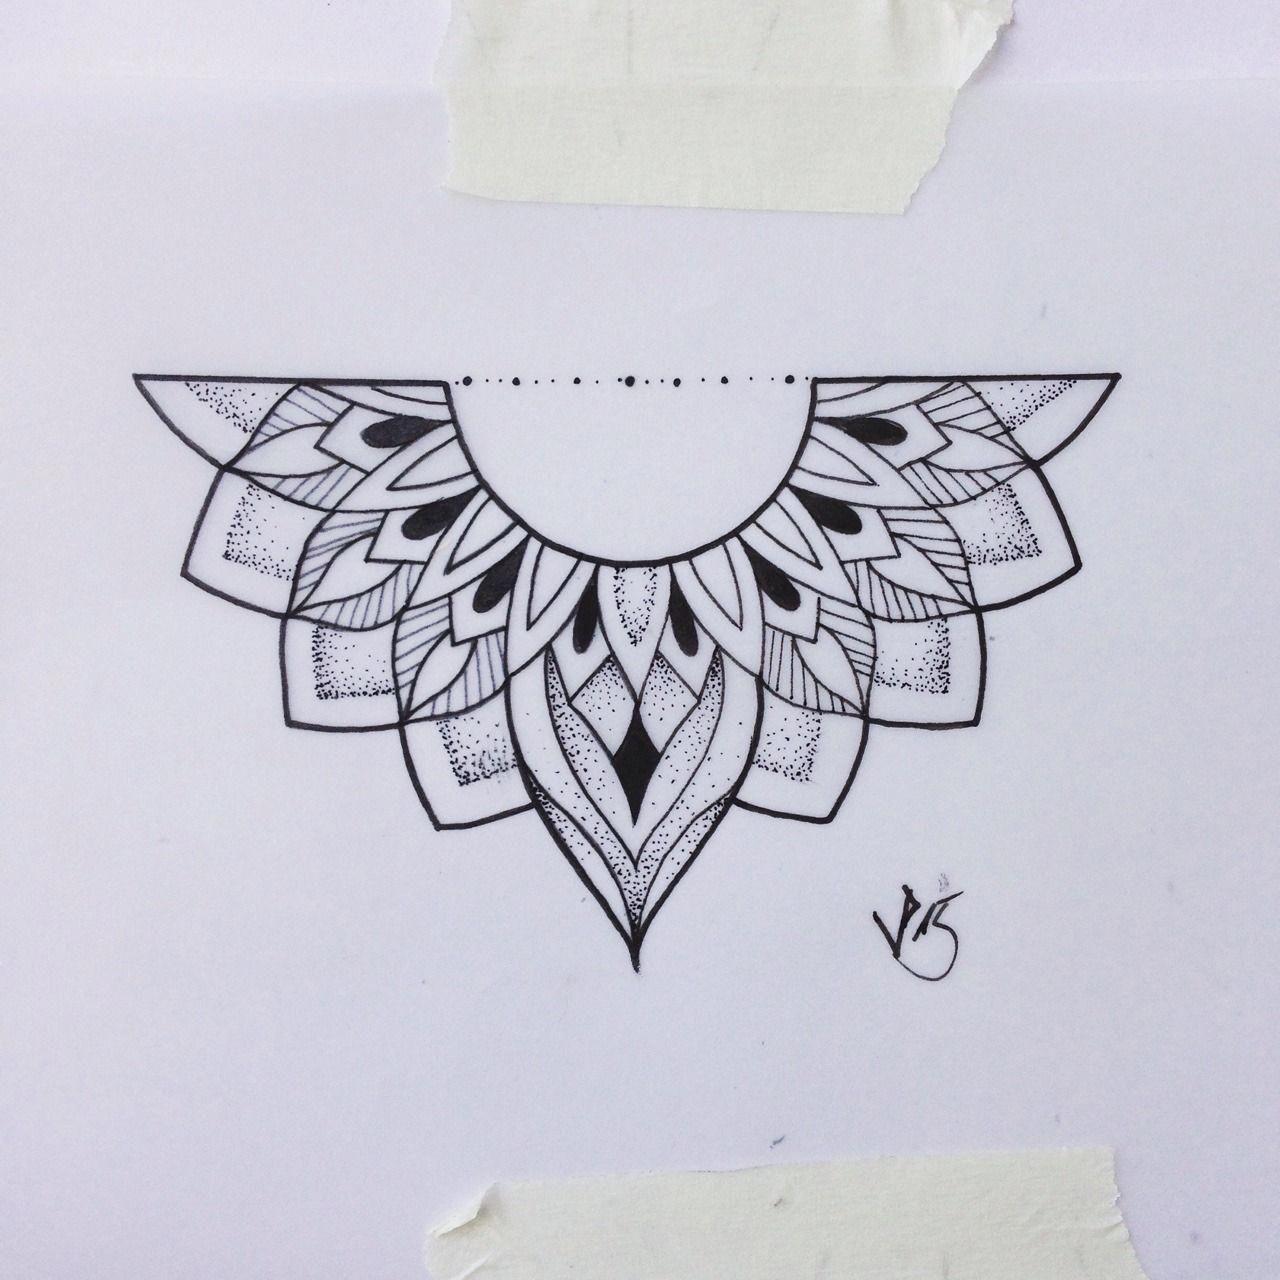 Colorful Mandala Tattoo Mandalatattoo Mandala Tattoo Design Half Mandala Tattoo Geometric Tattoo